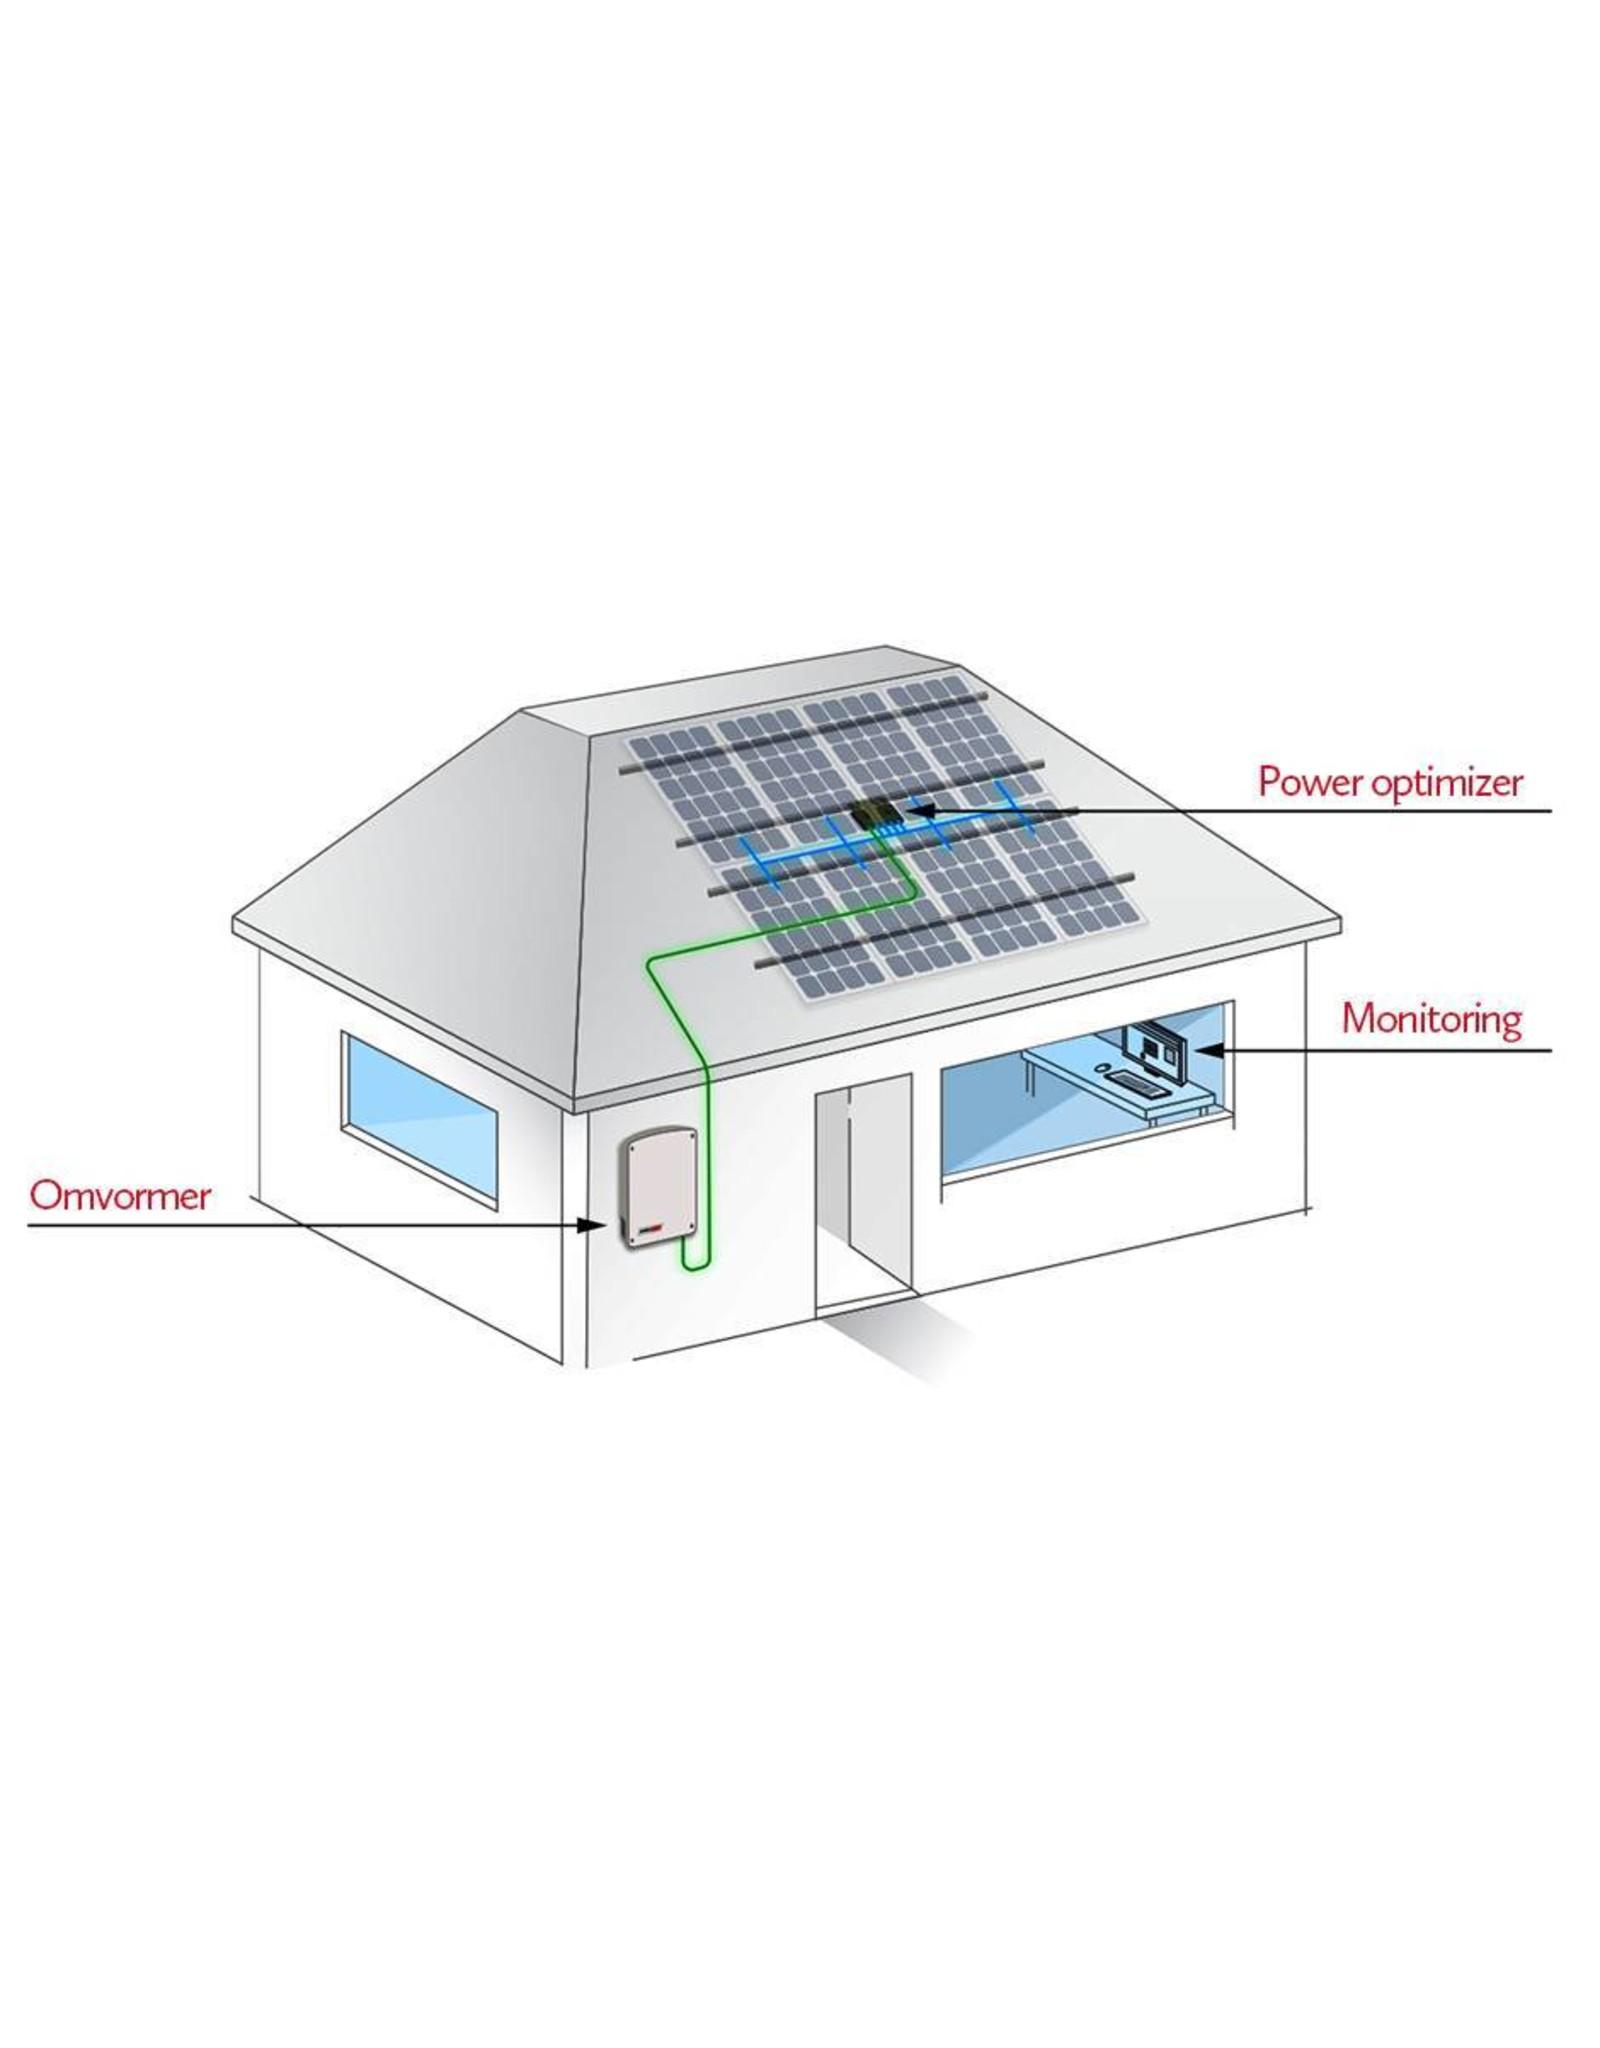 SolarEdge SolarEdge SE1000M enkelfase omvormer 1.0 kW met M2640 optimizer, basic / extended